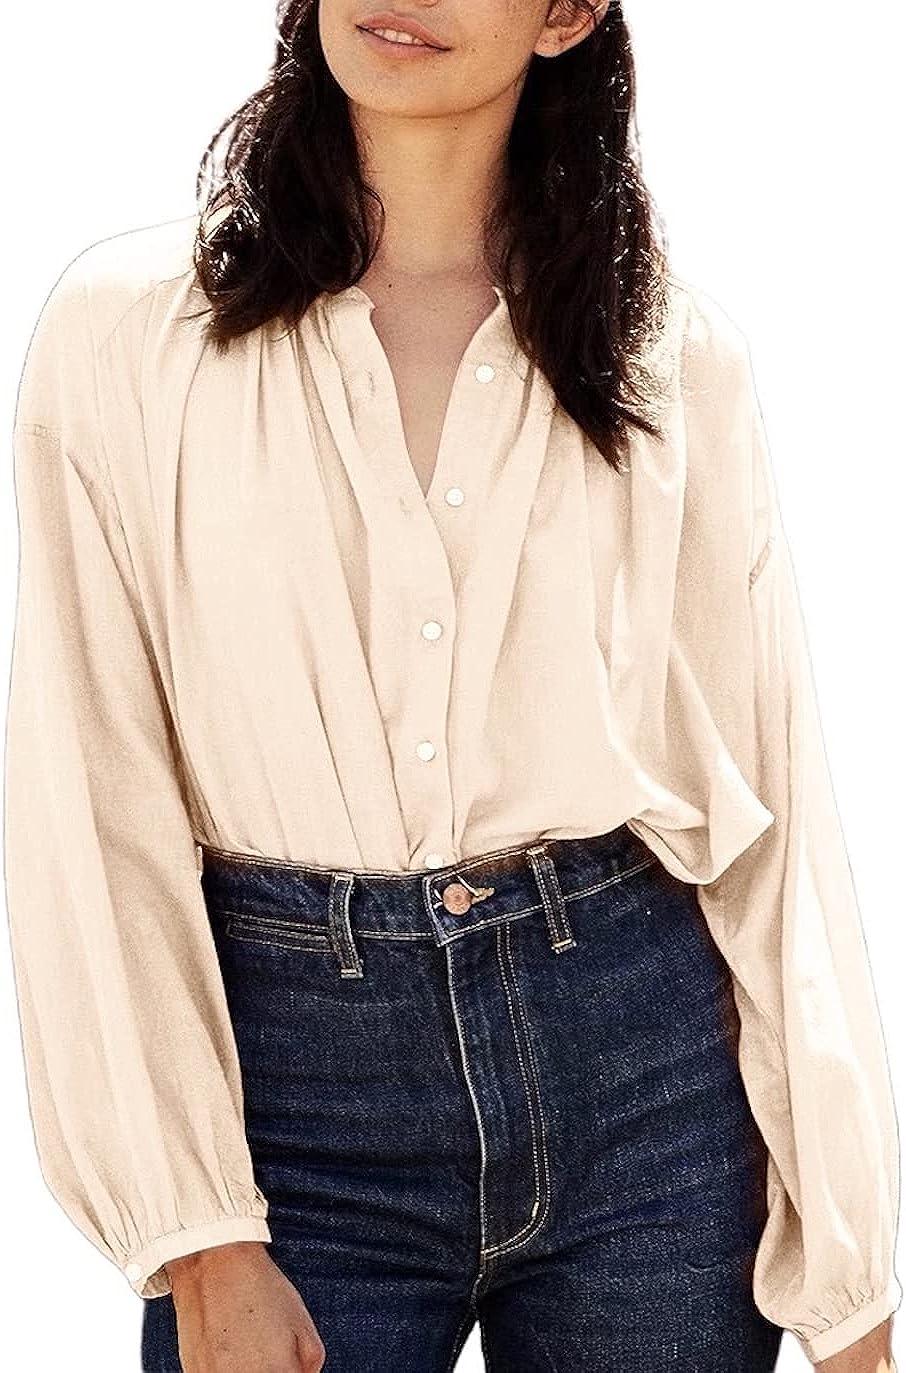 Women's Tops Ruffle Long Sleeve Casual Blouses Button Down Shirts